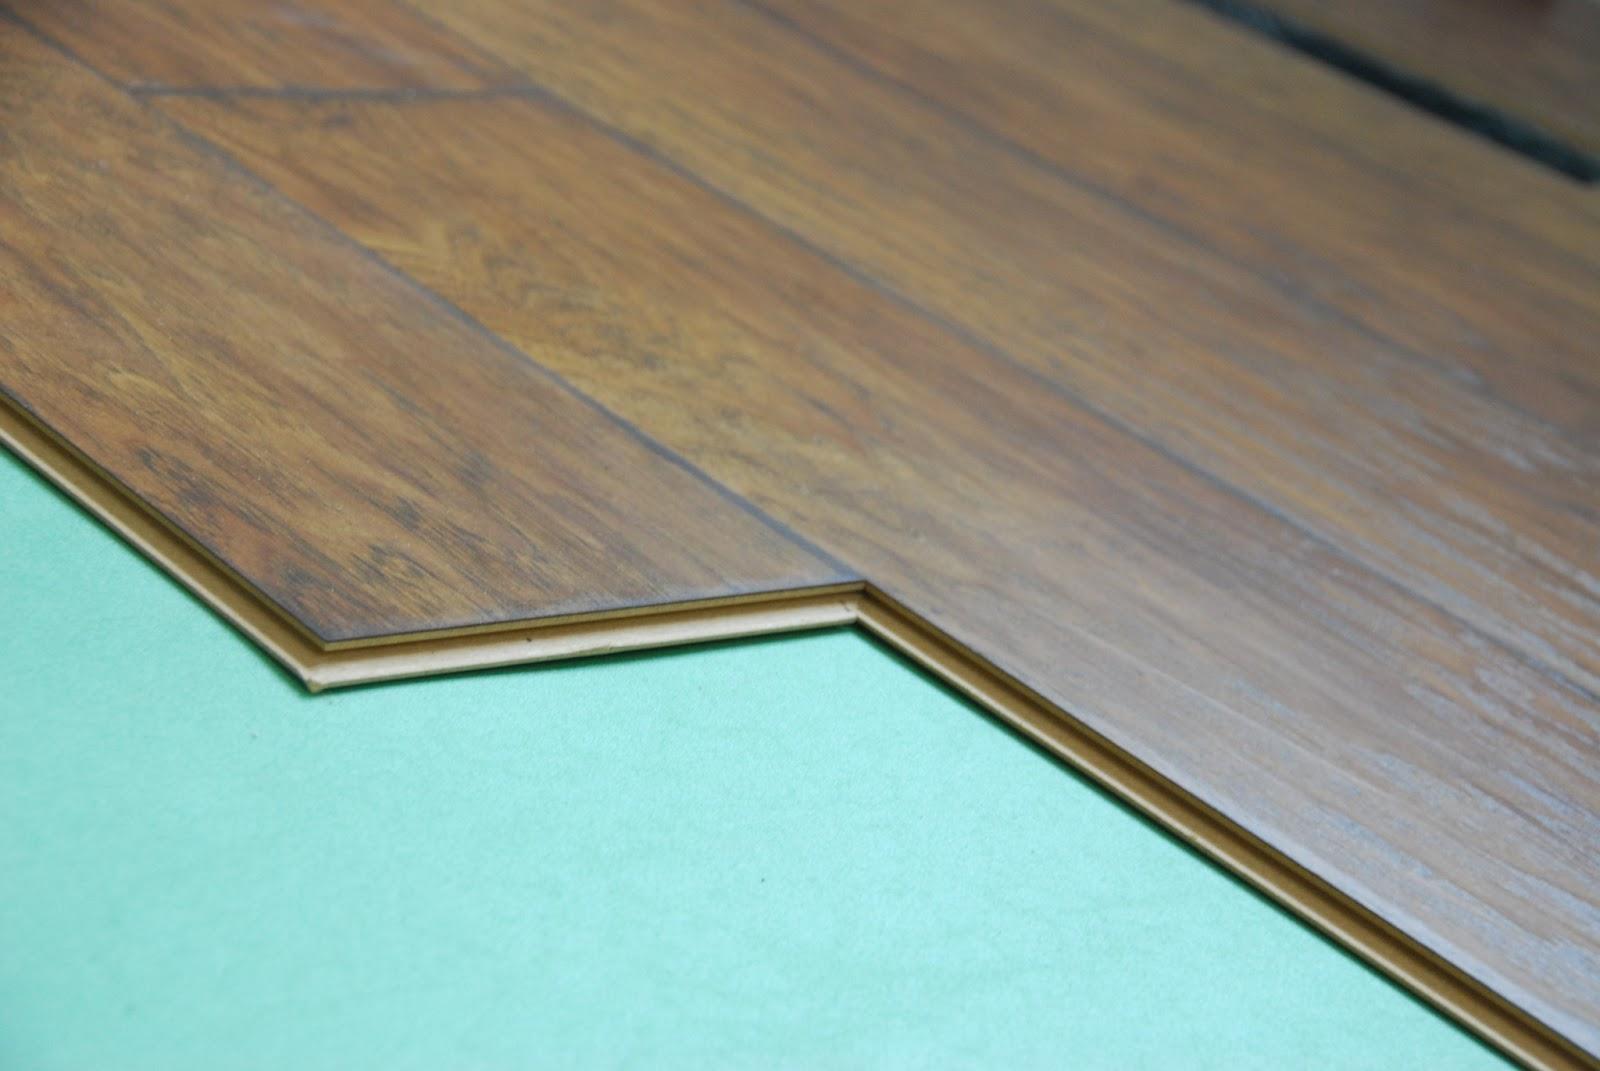 Laminate flooring installing laminate flooring t moulding for Laying laminate flooring